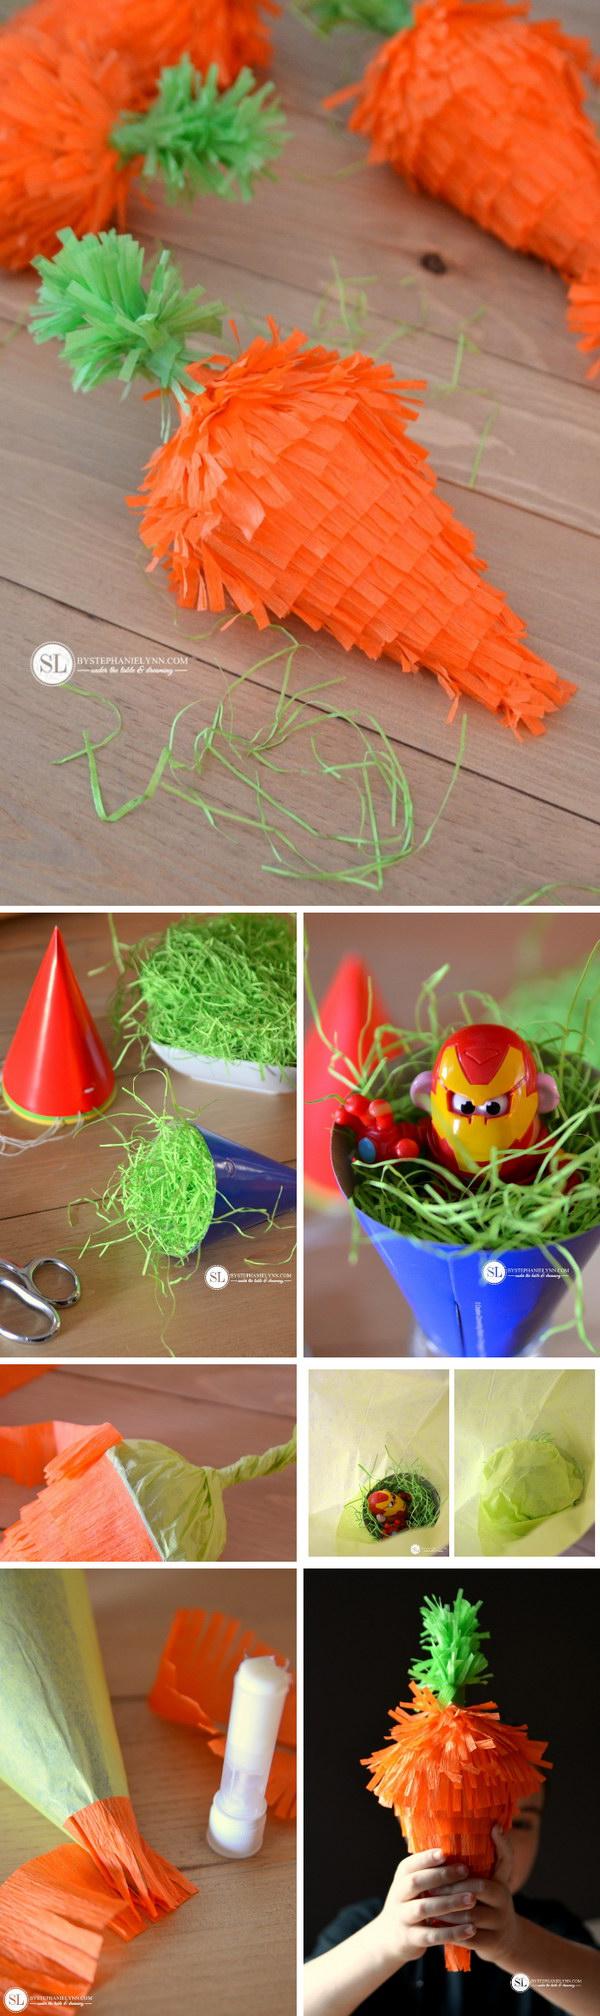 DIY Mini Easter Carrot Pinatas.